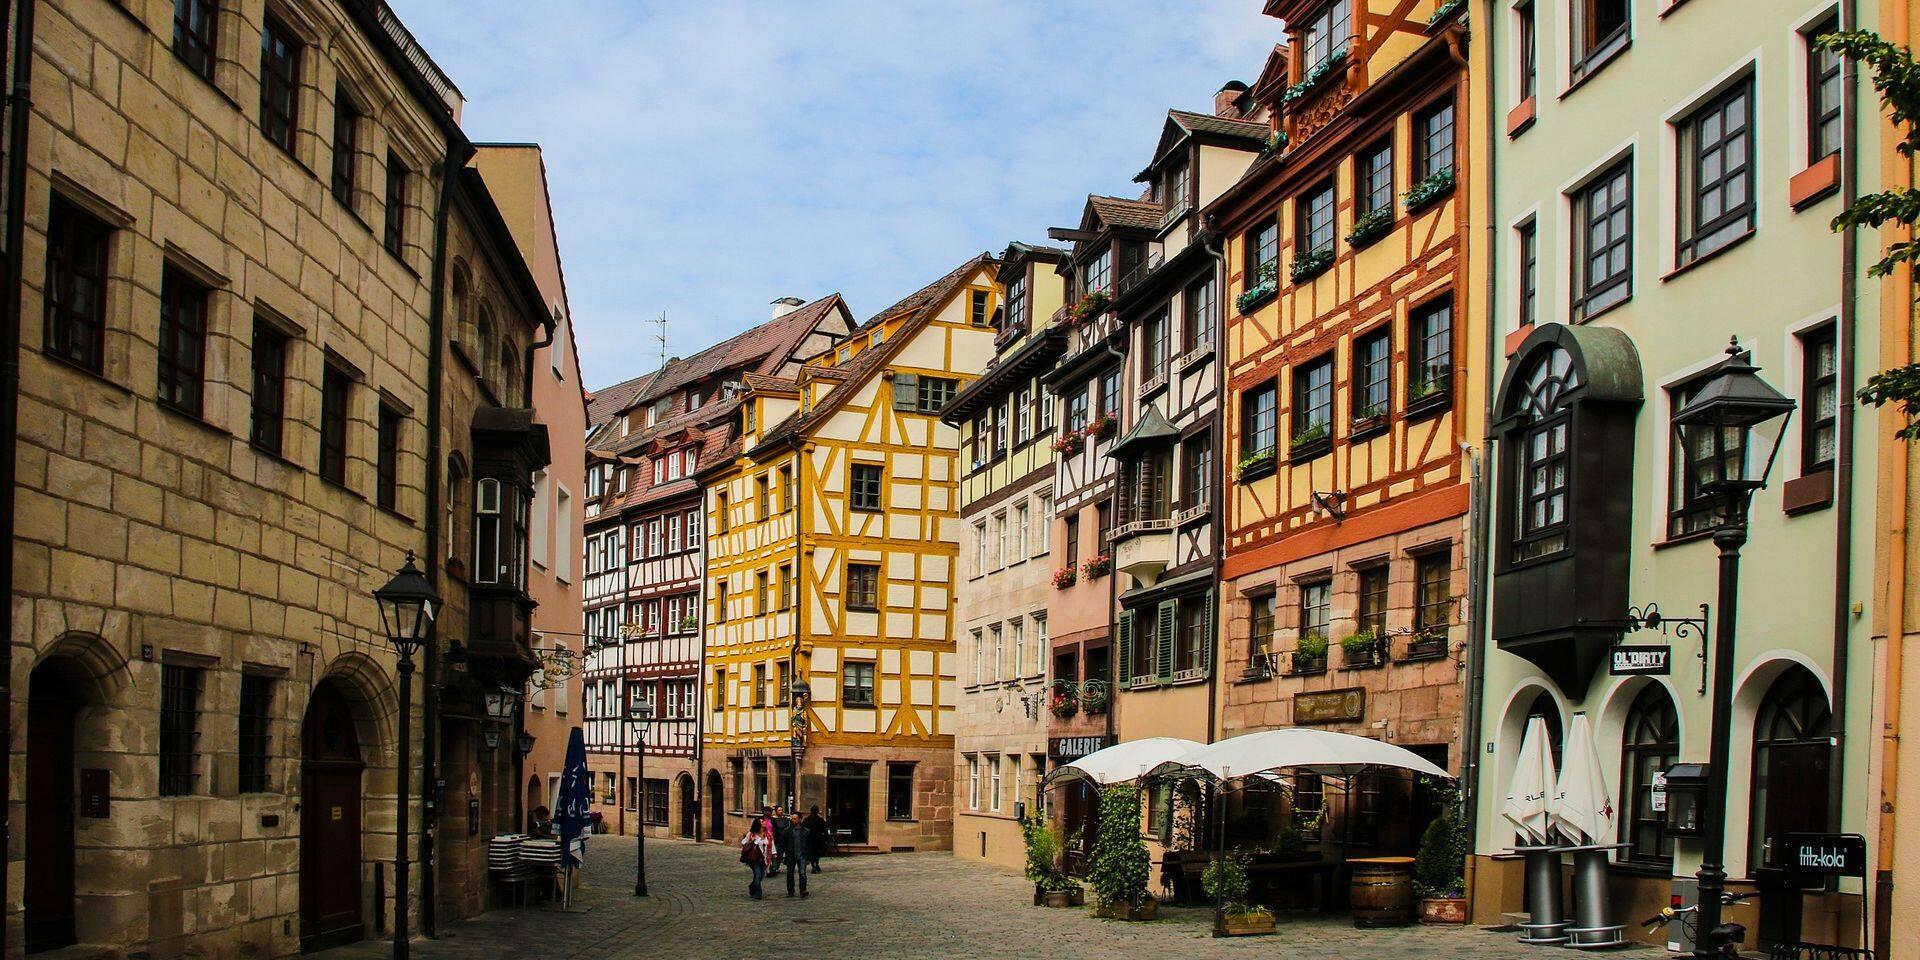 Week-end à Nuremberg, pour une plongée dans l'Histoire